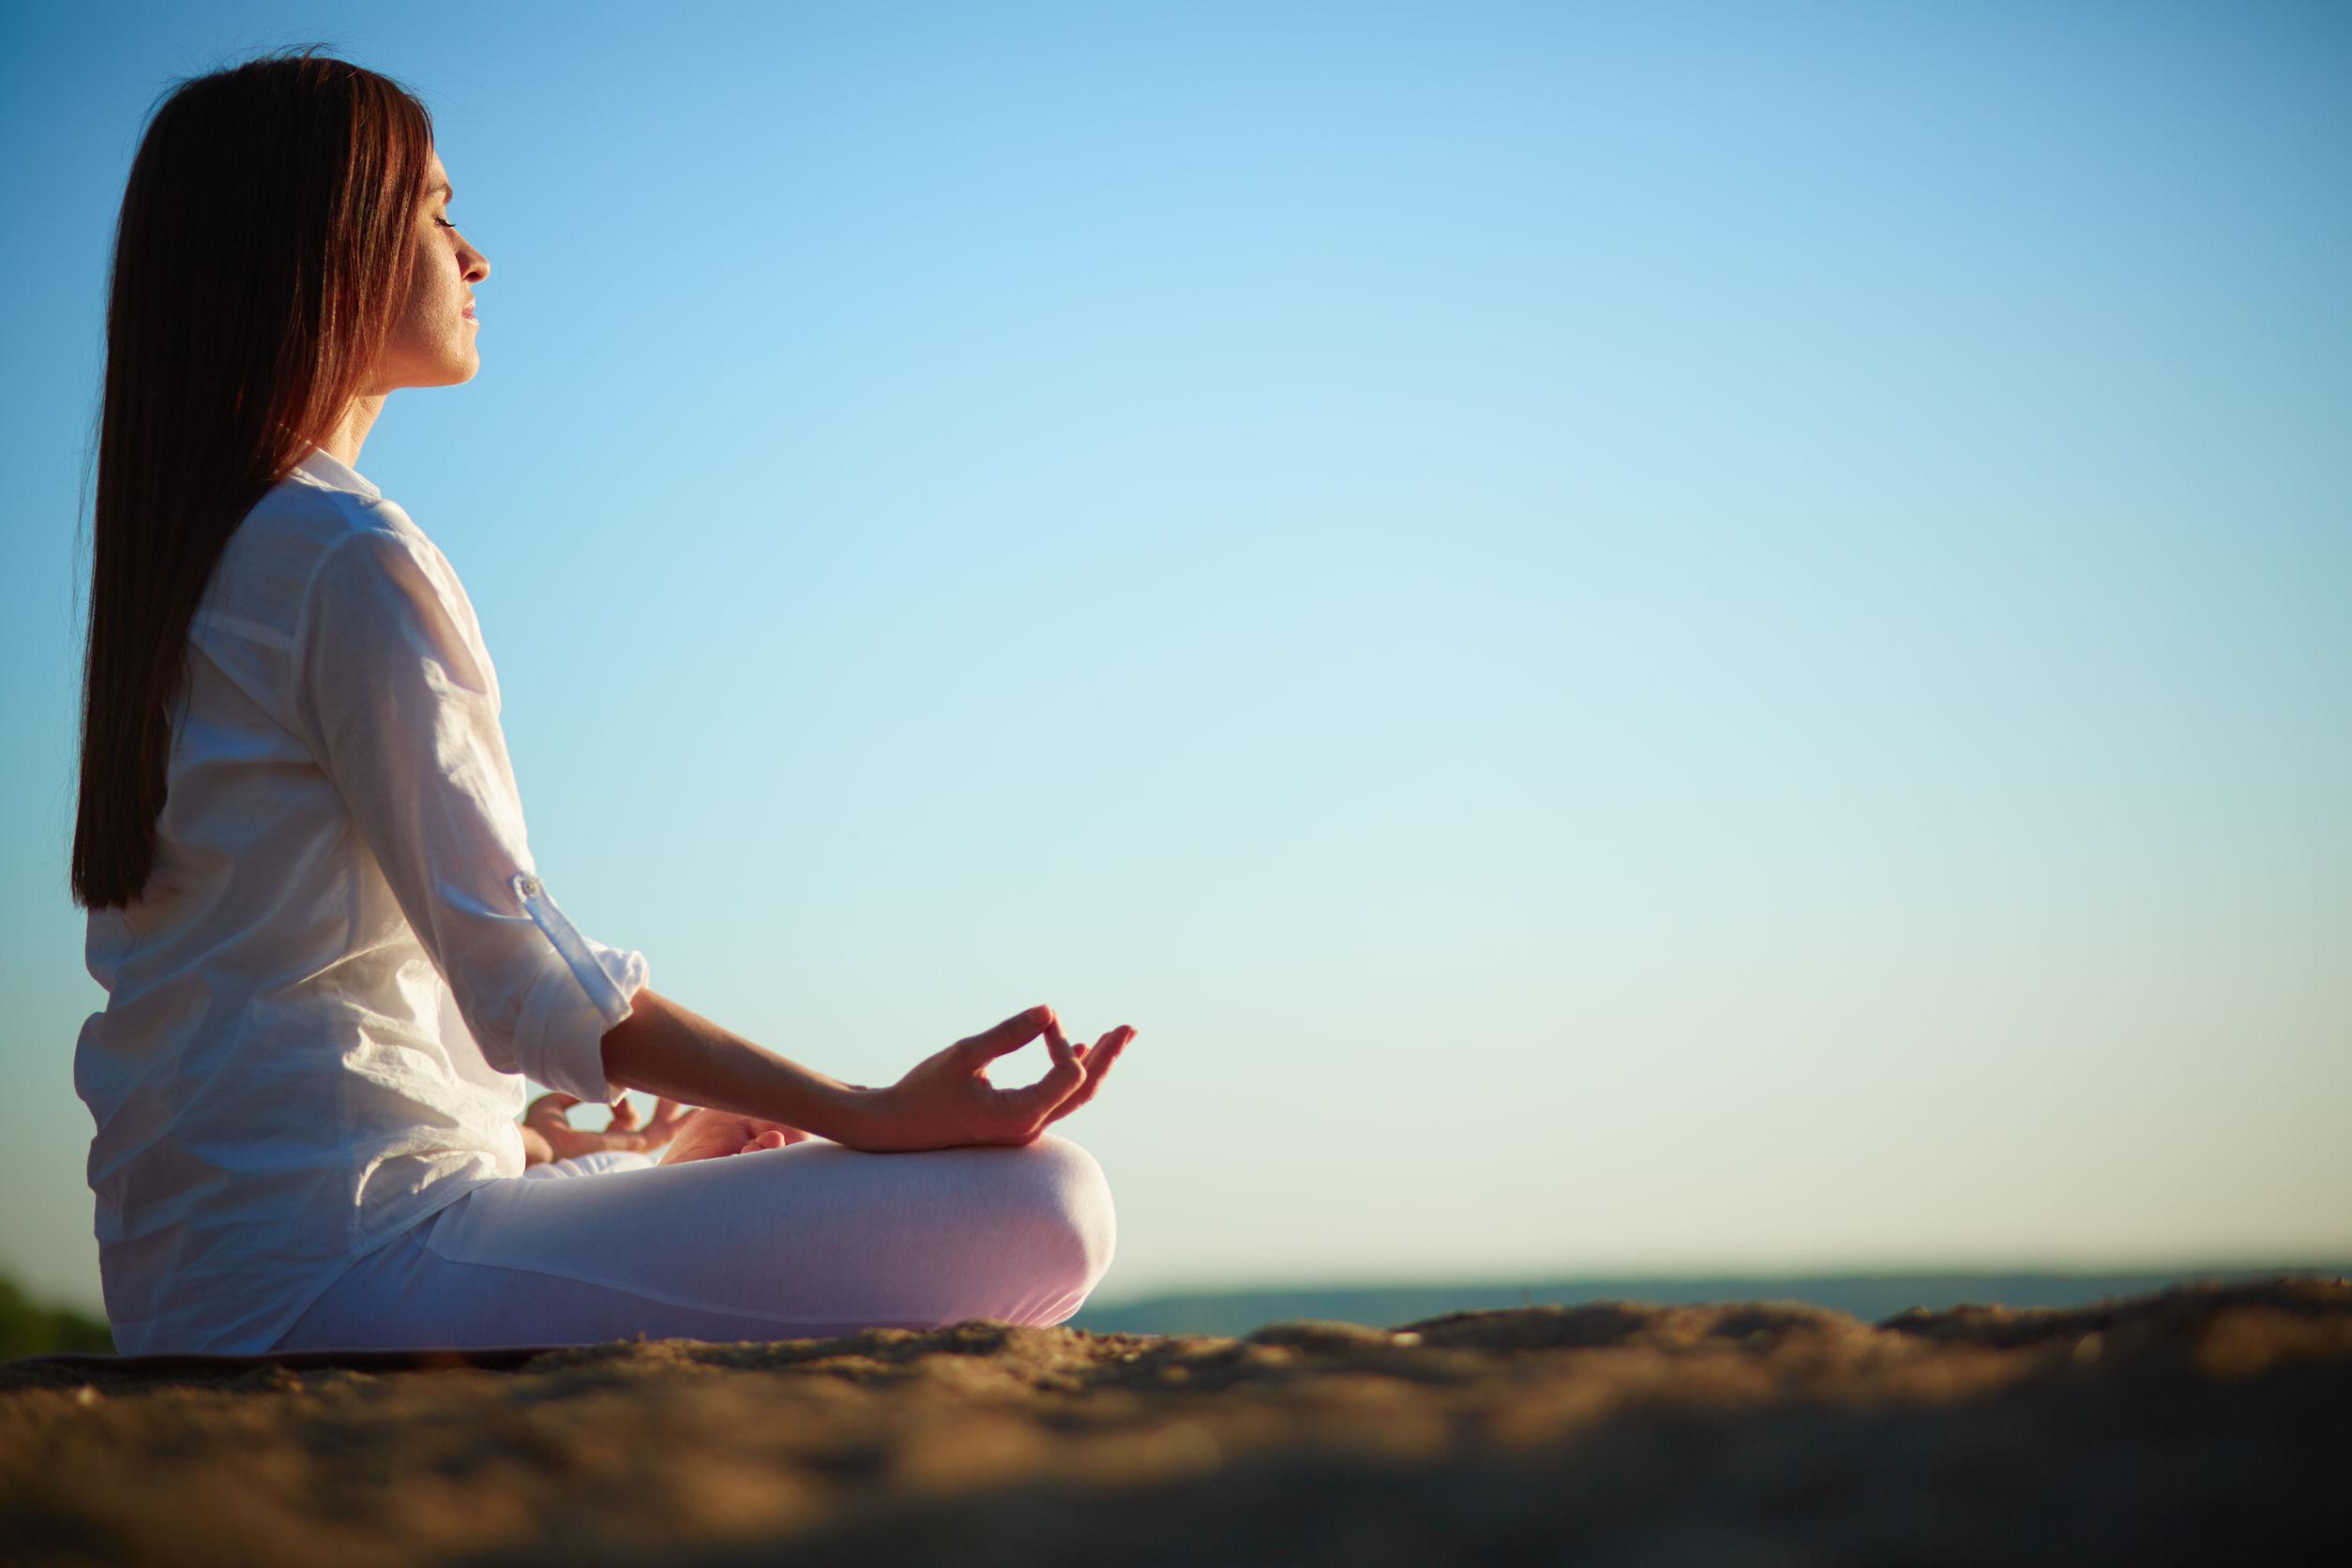 不安な気持ちを解消 1日3分からできる「瞑想」のすすめ